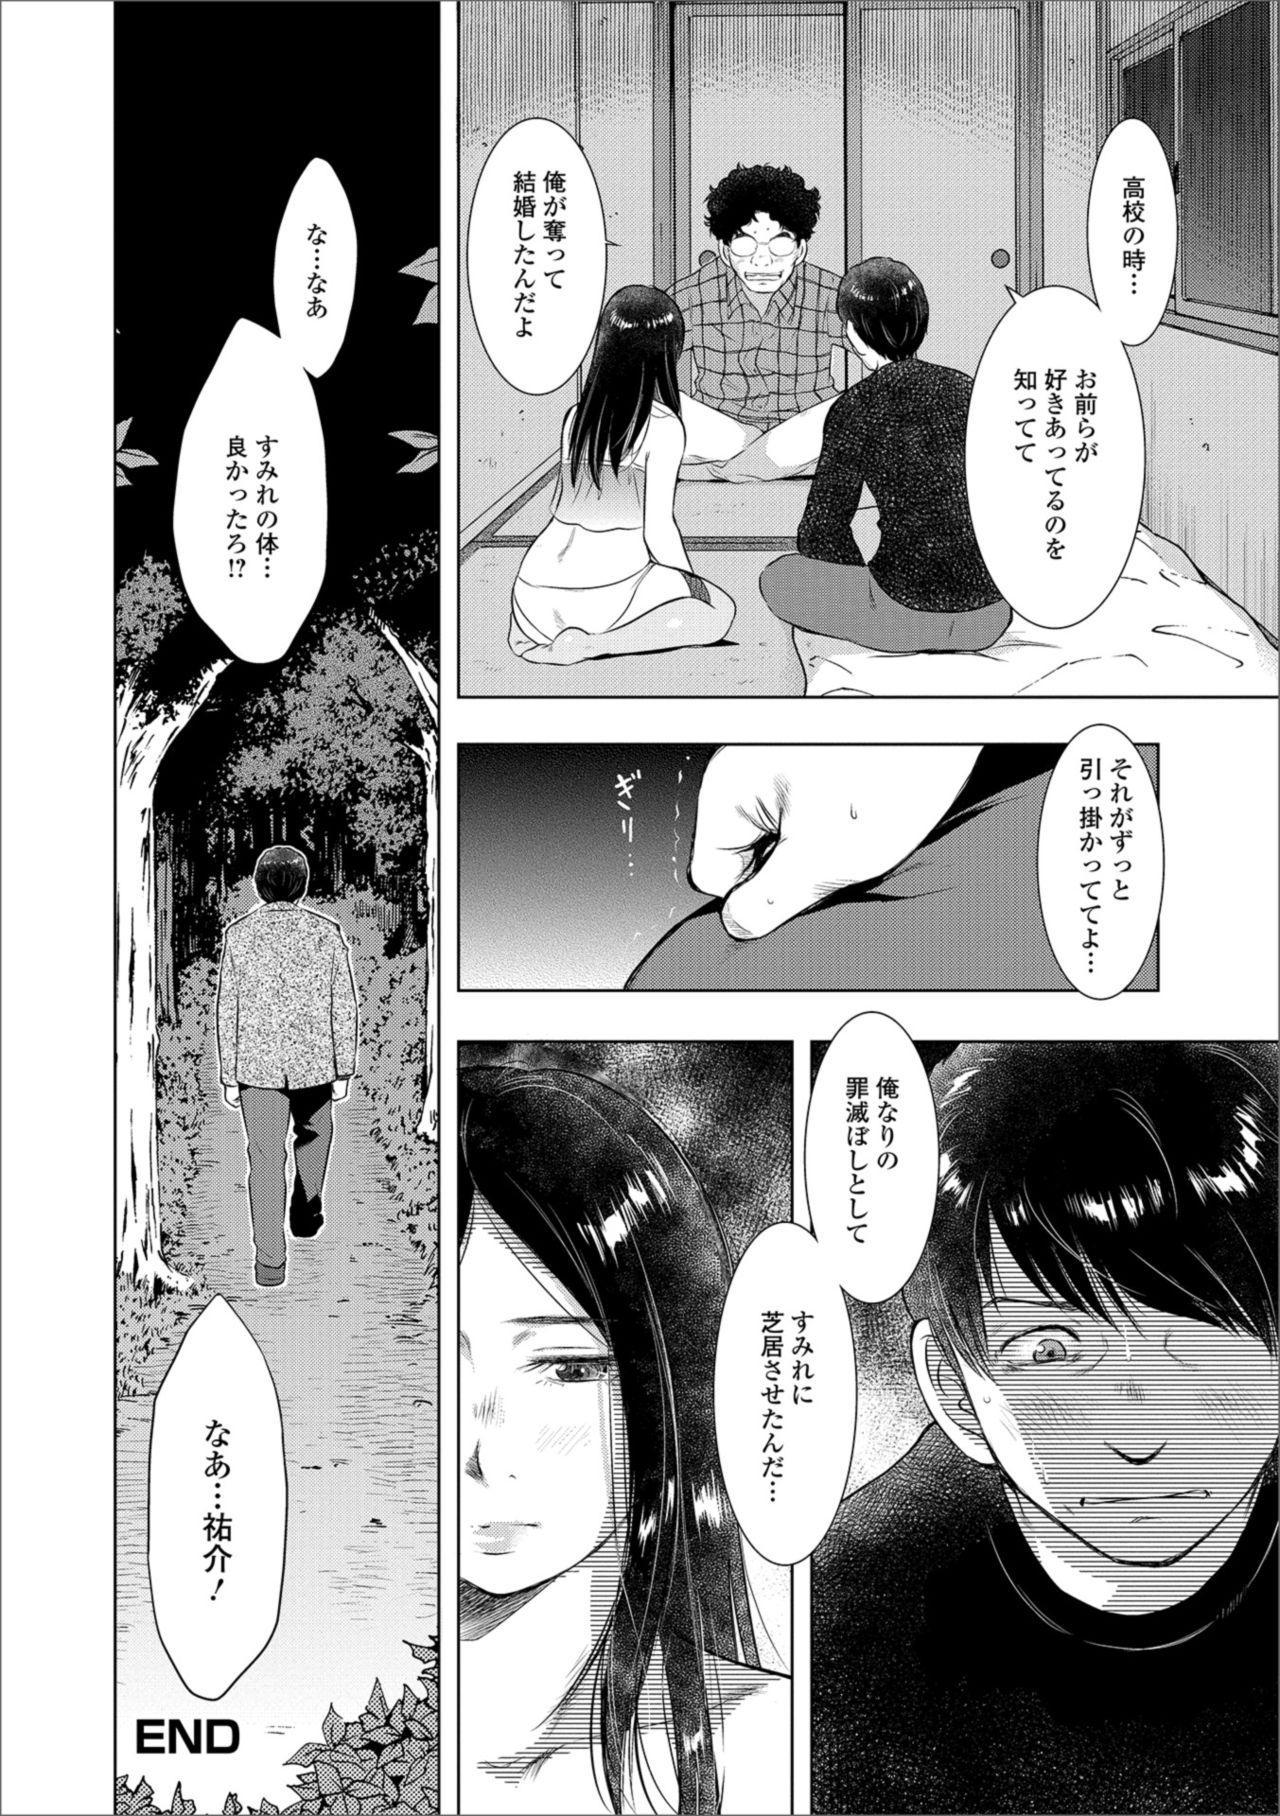 Web Haishin Gekkan Tonari no Kininaru Oku-san Vol. 019 59